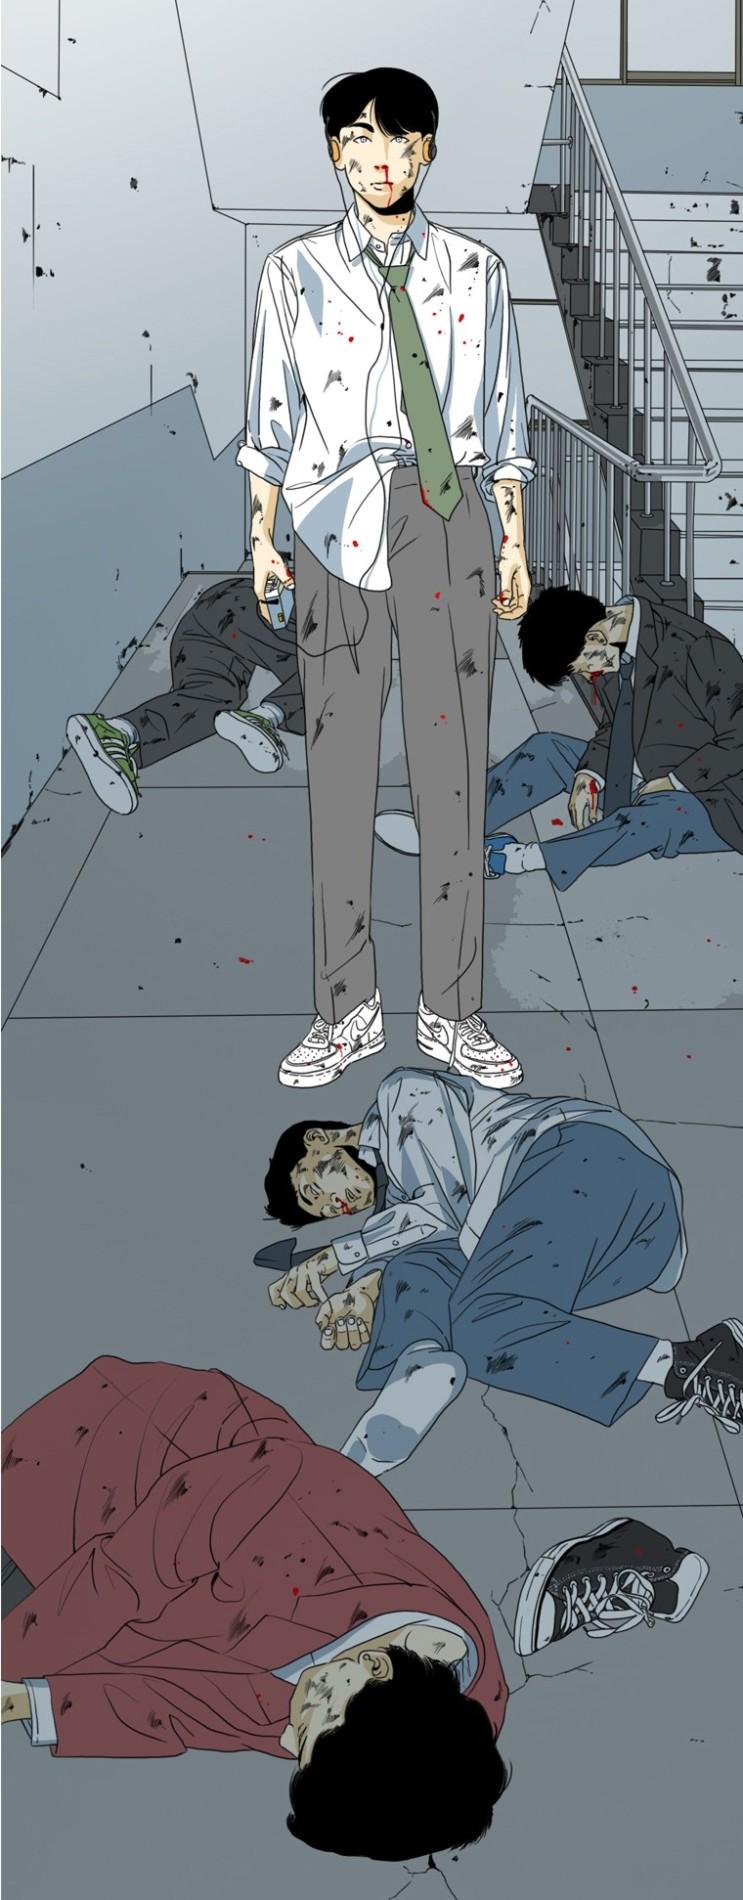 [웹툰] ONE _ 폭력에 중독된 소년의 이야기